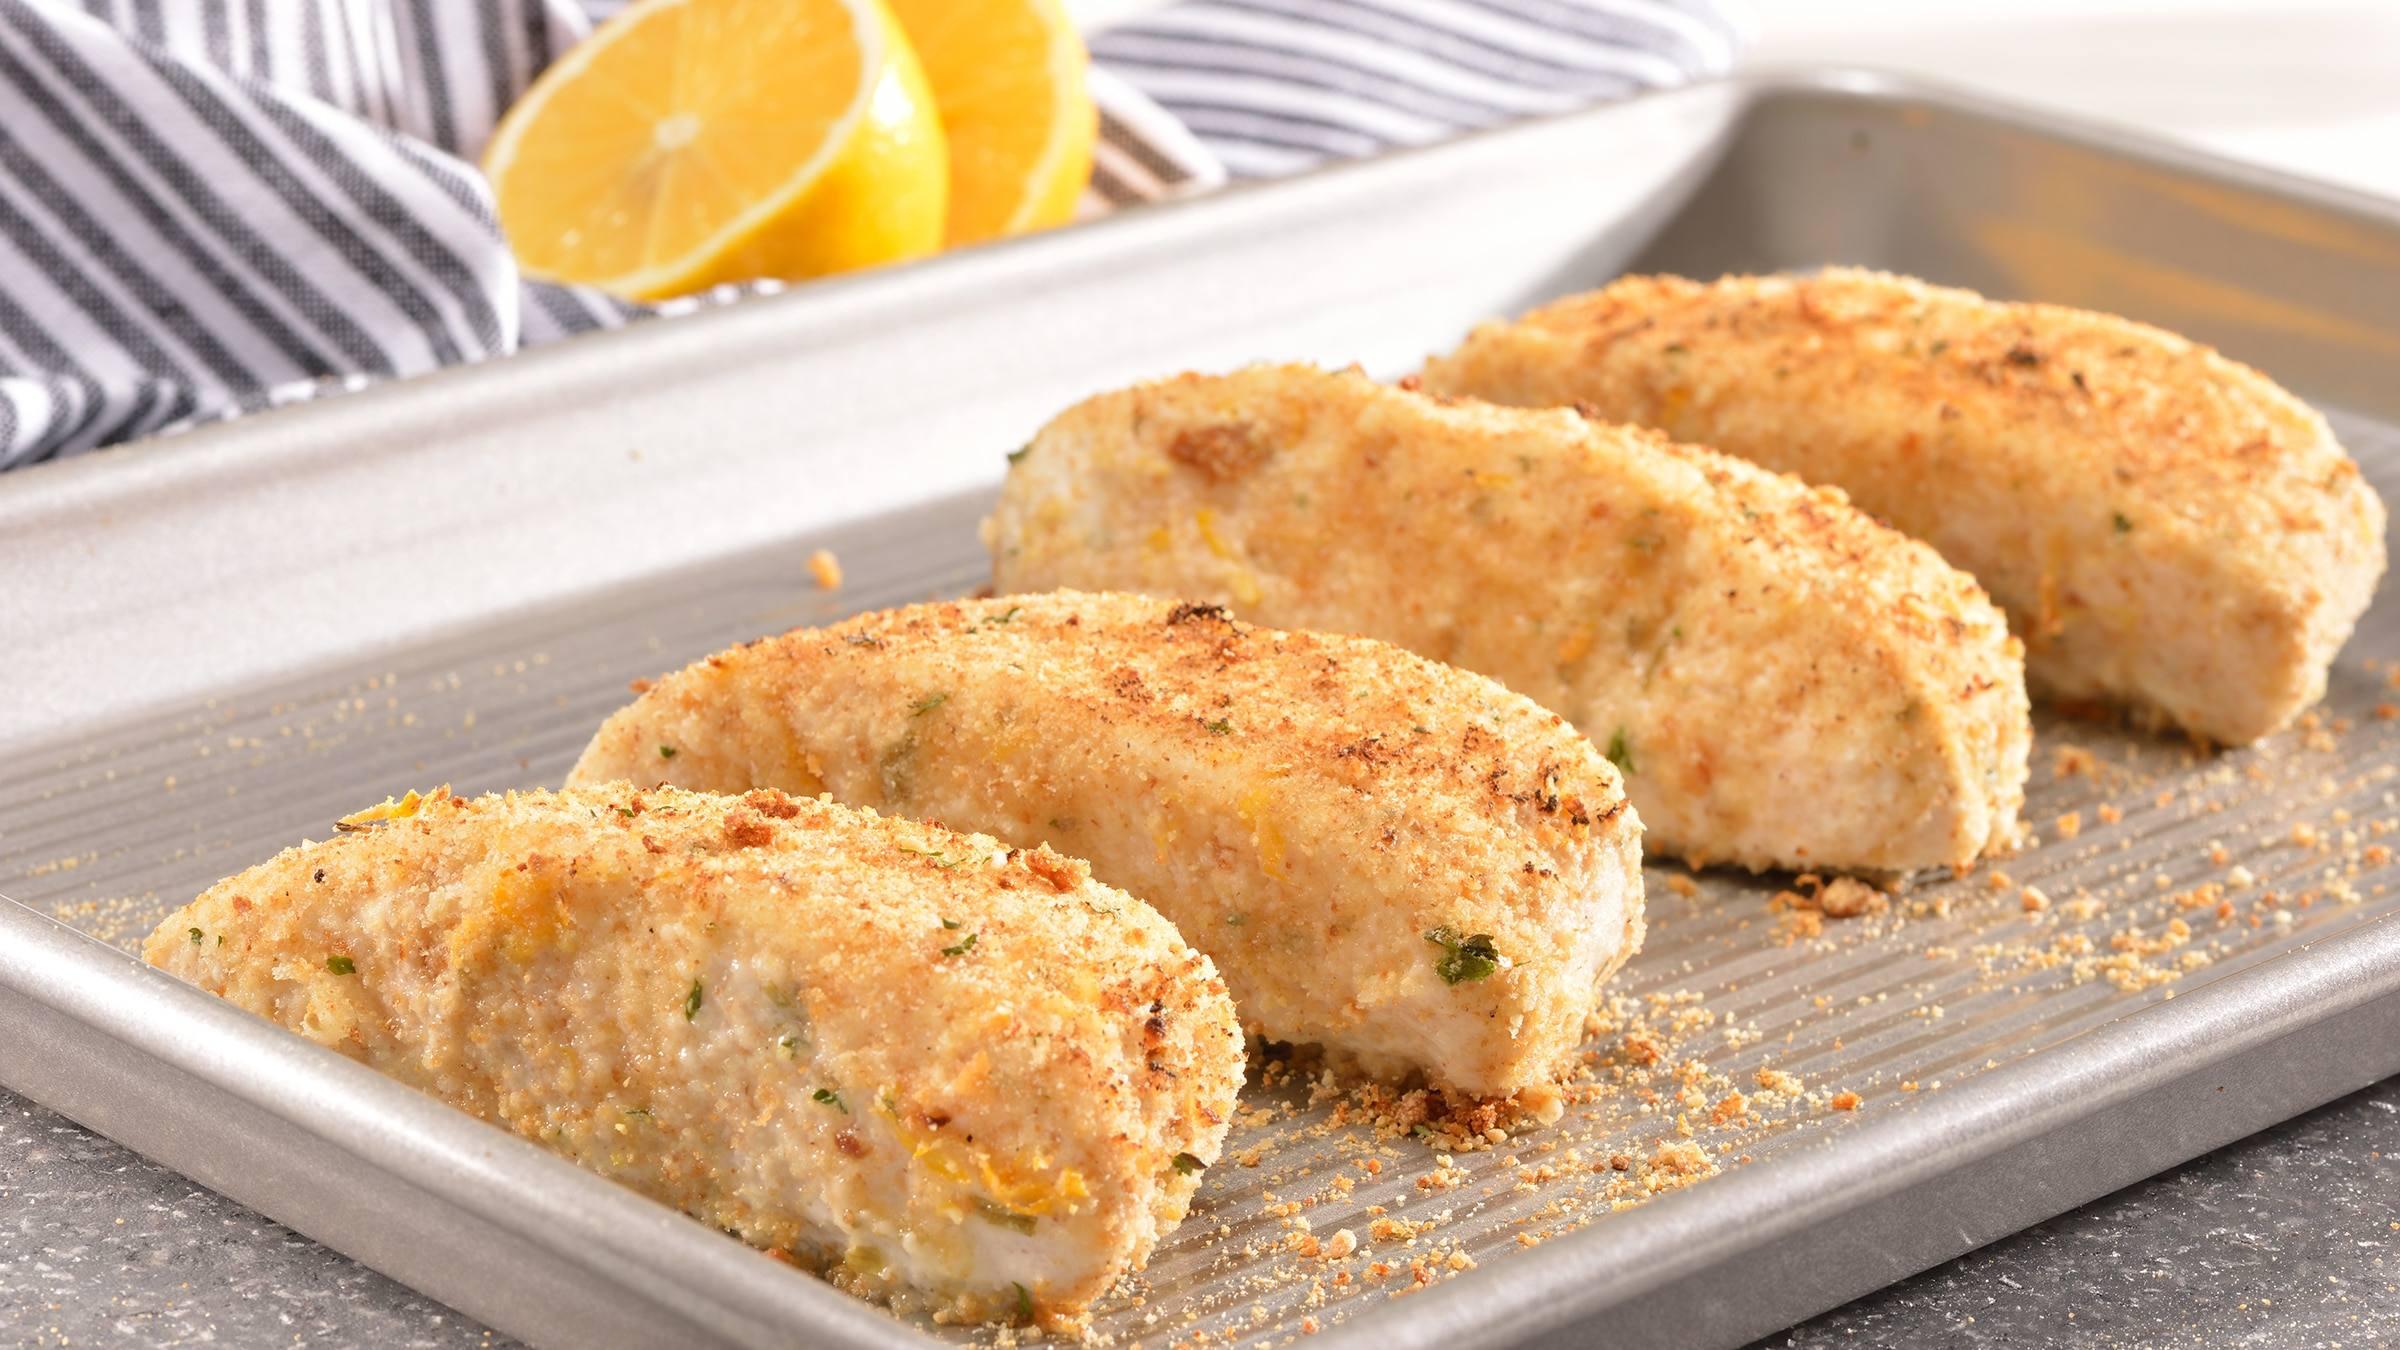 Lemon-Herb Crusted Cod